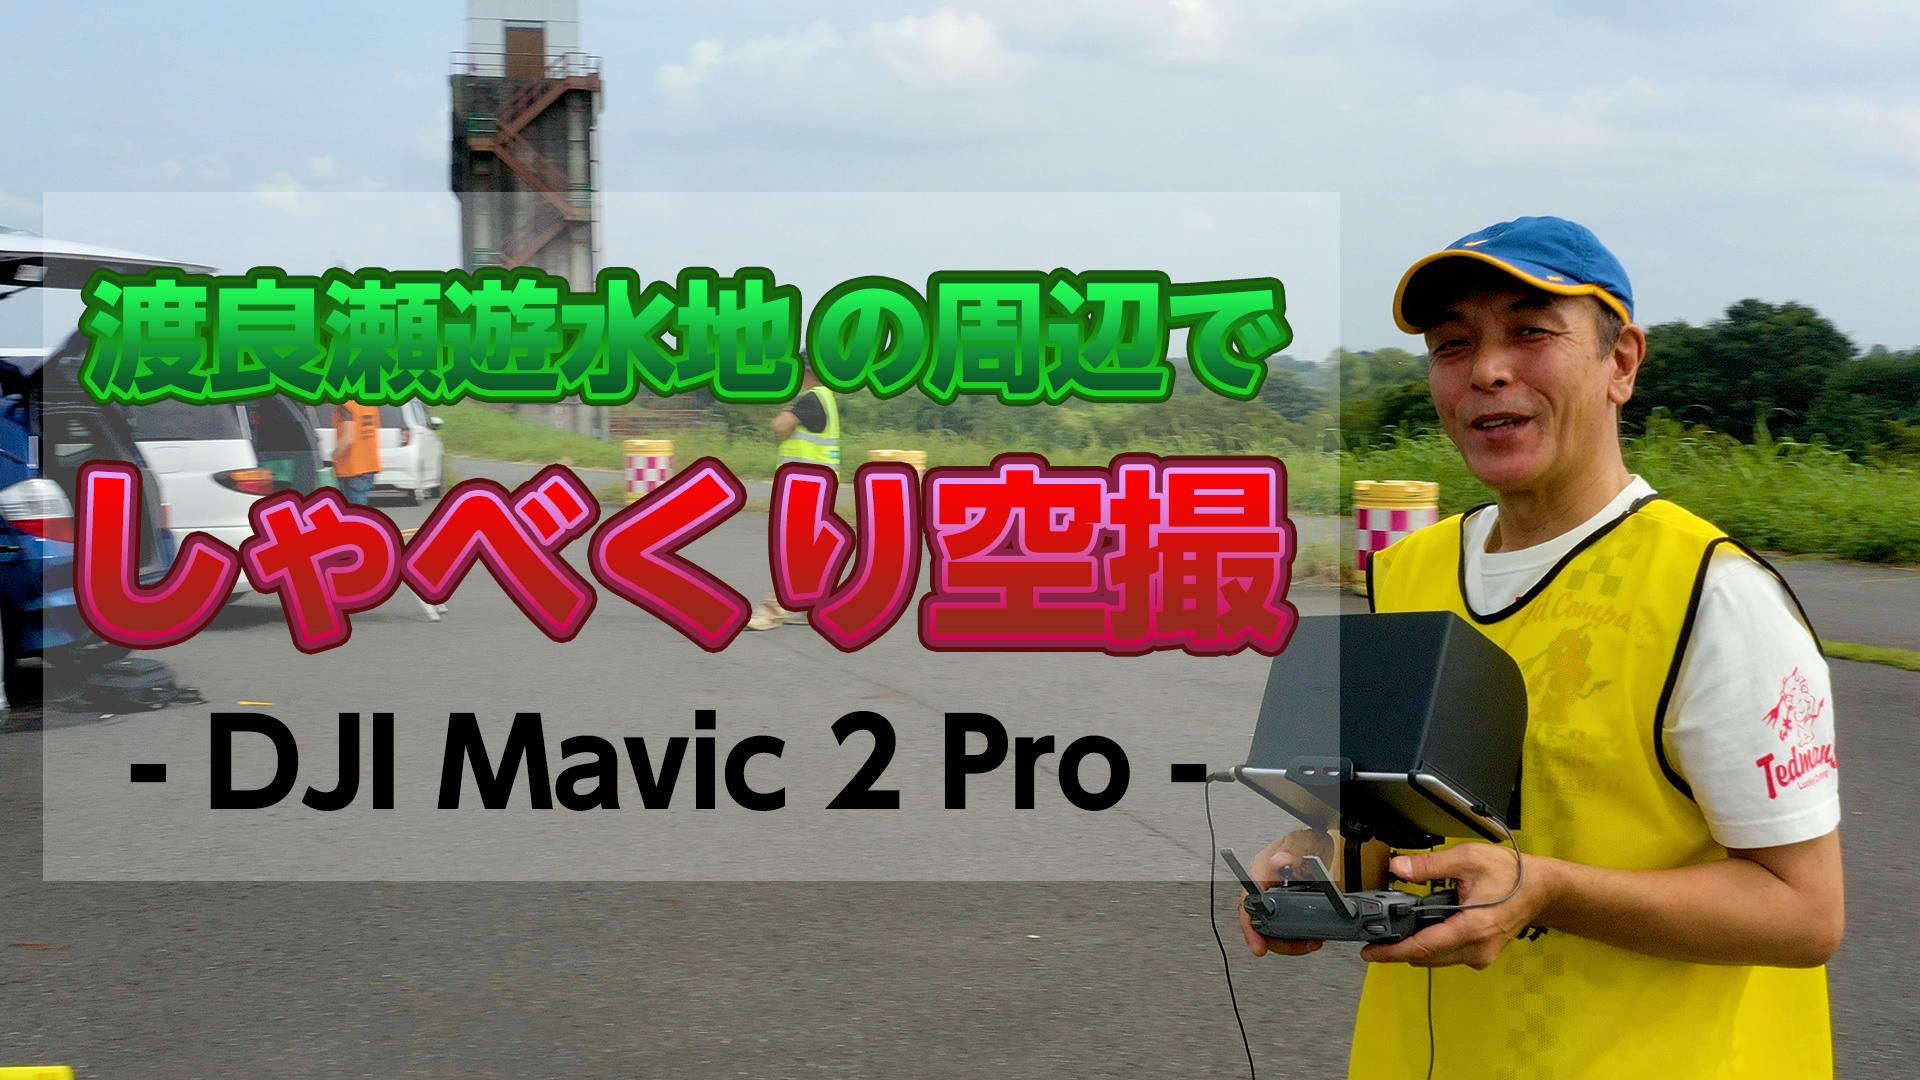 渡良瀬遊水地の周辺でしゃべくり空撮 - Mavic 2 Pro DJI